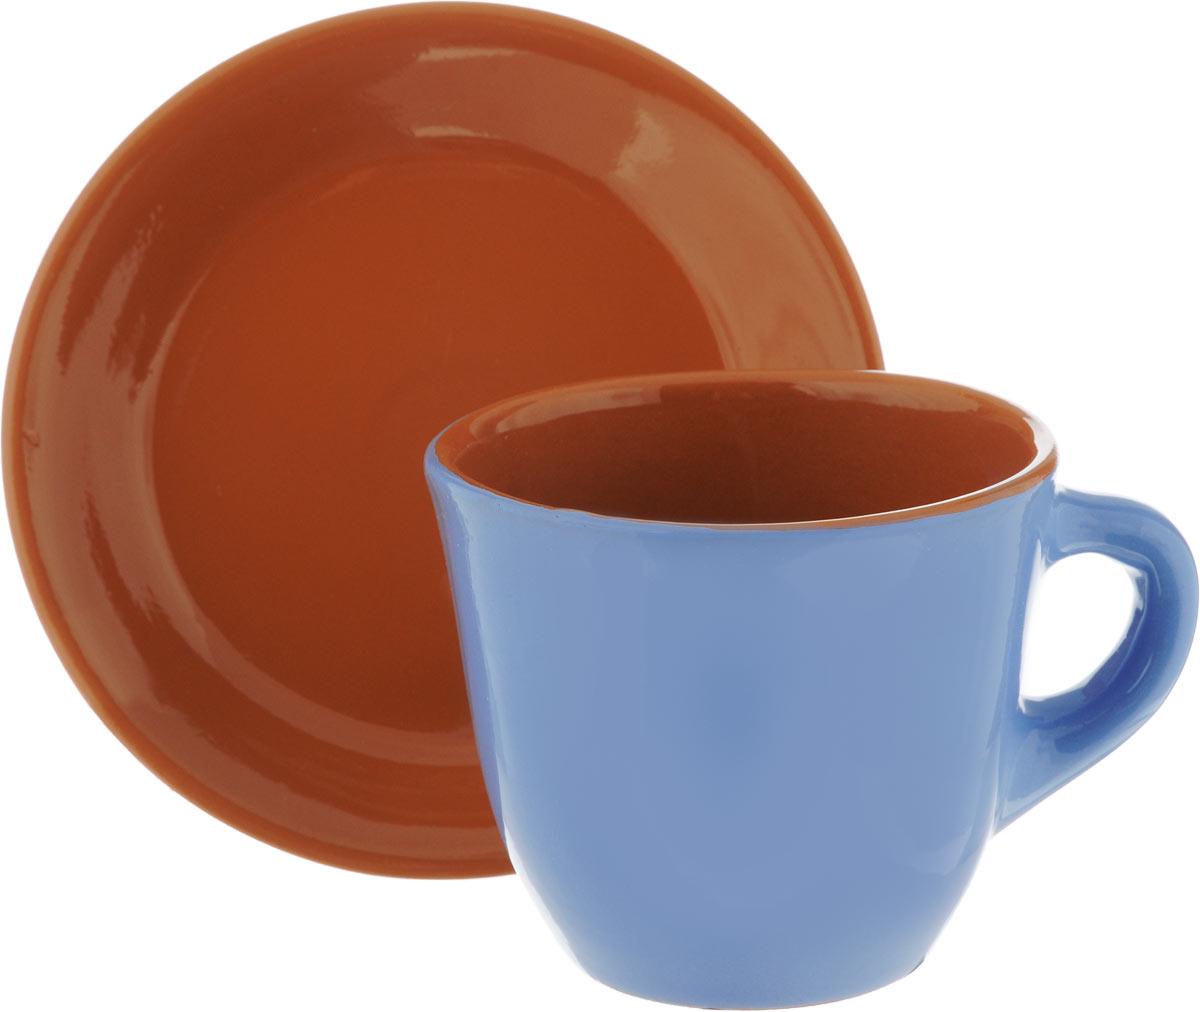 Чайная пара Борисовская керамика Cтандарт, цвет: голубой, коричневый, 2 предмета115510Чайная пара Борисовская керамика Cтандарт состоит из чашки и блюдца, изготовленных из высококачественной керамики. Такой набор украсит ваш кухонный стол, а также станет замечательным подарком к любому празднику.Можно использовать в микроволновой печи и духовке.Диаметр чашки (по верхнему краю): 10 см.Высота чашки: 8,5 см.Диаметр блюдца (по верхнему краю): 15 см.Высота блюдца: 2,5 см.Объем чашки: 300 мл